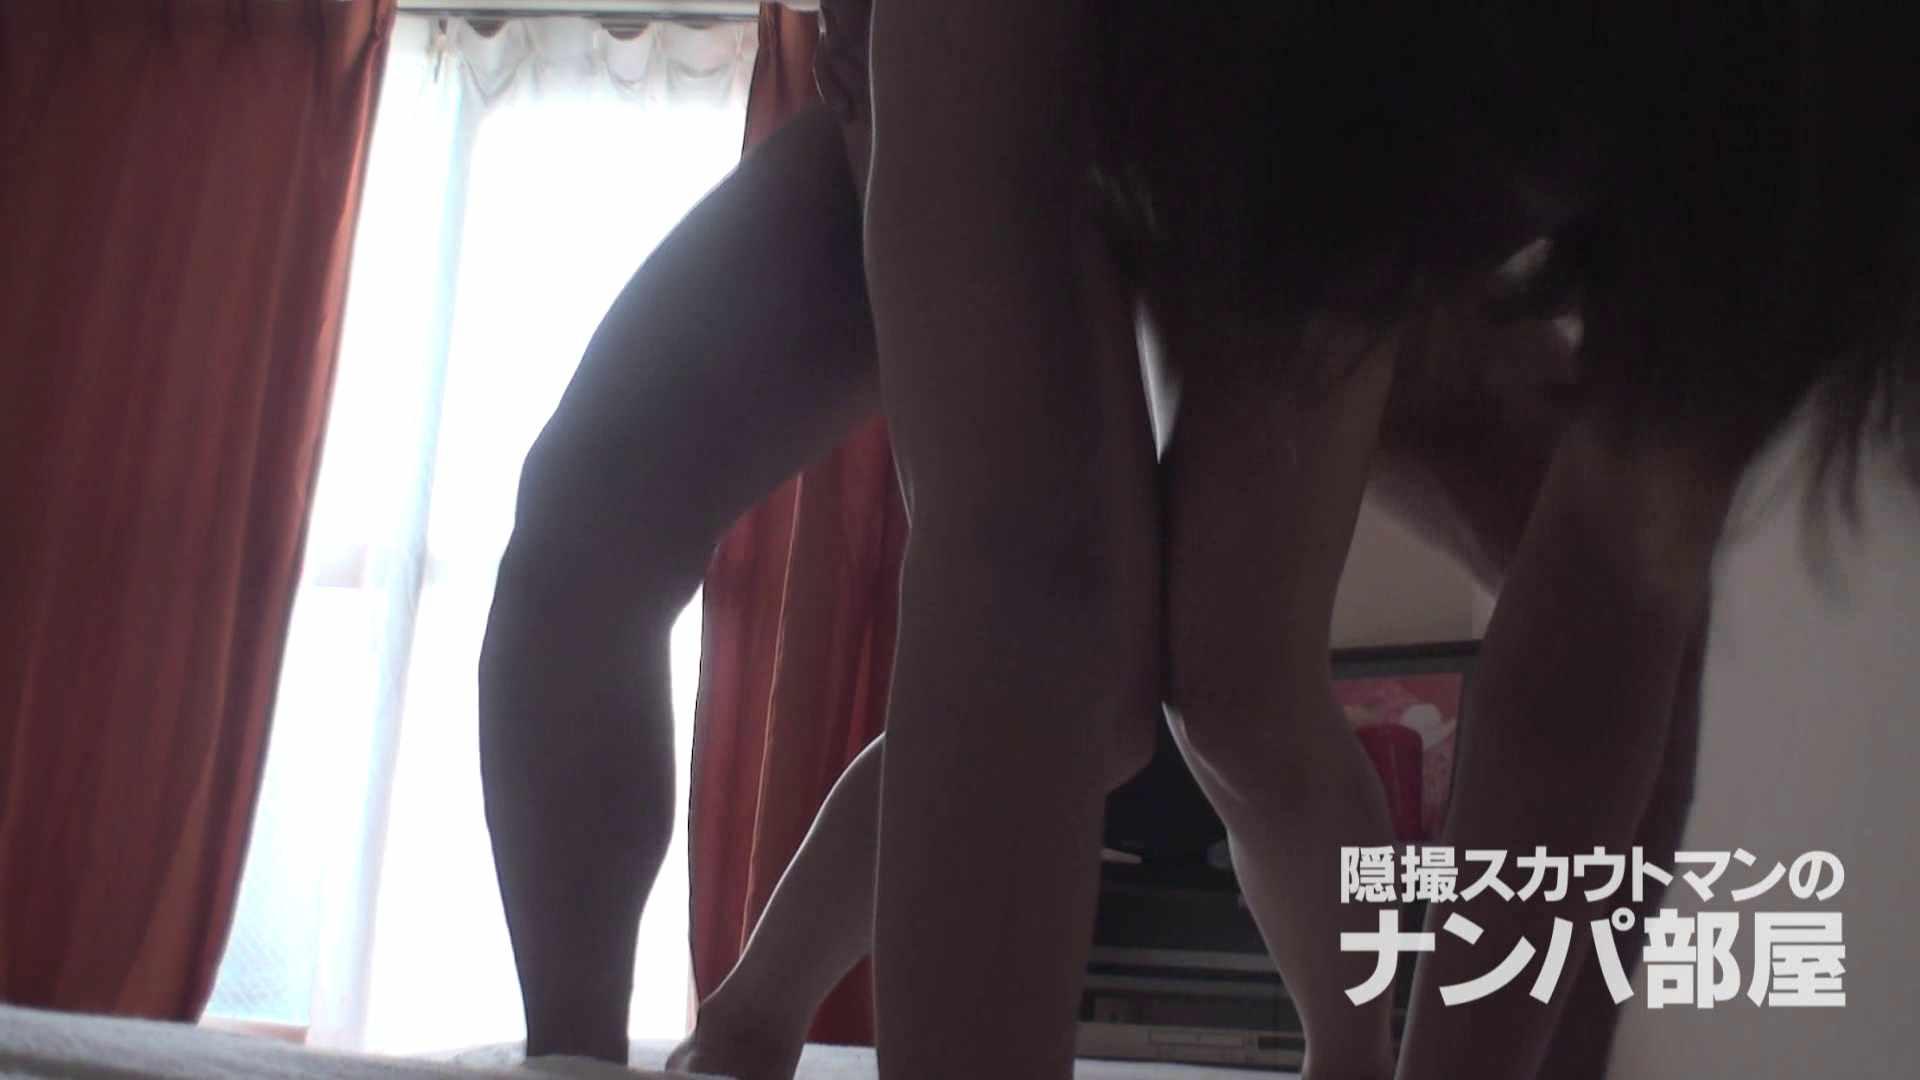 隠撮スカウトマンのナンパ部屋~風俗デビュー前のつまみ食い~ siivol.4 隠撮 アダルト動画キャプチャ 59連発 54